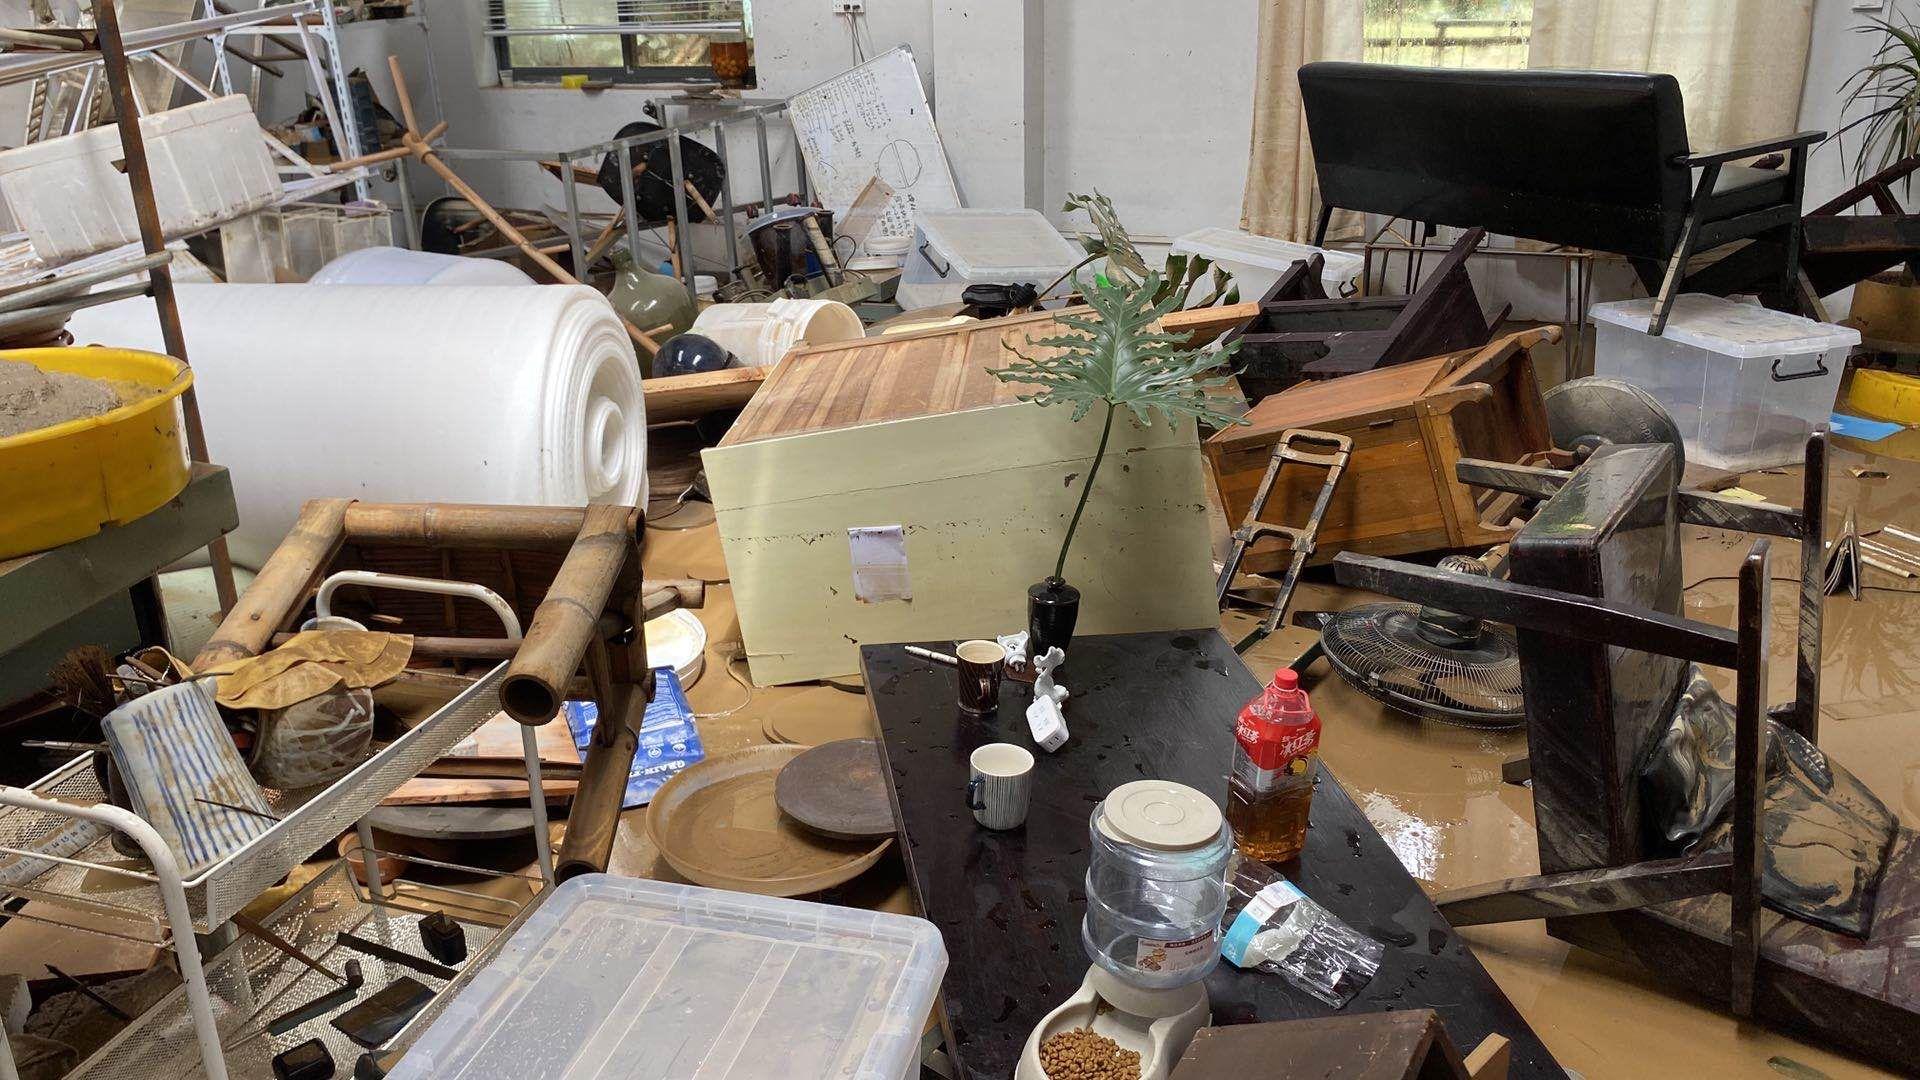 洪灾之后,事情室内壹片散乱。 供访者受图。